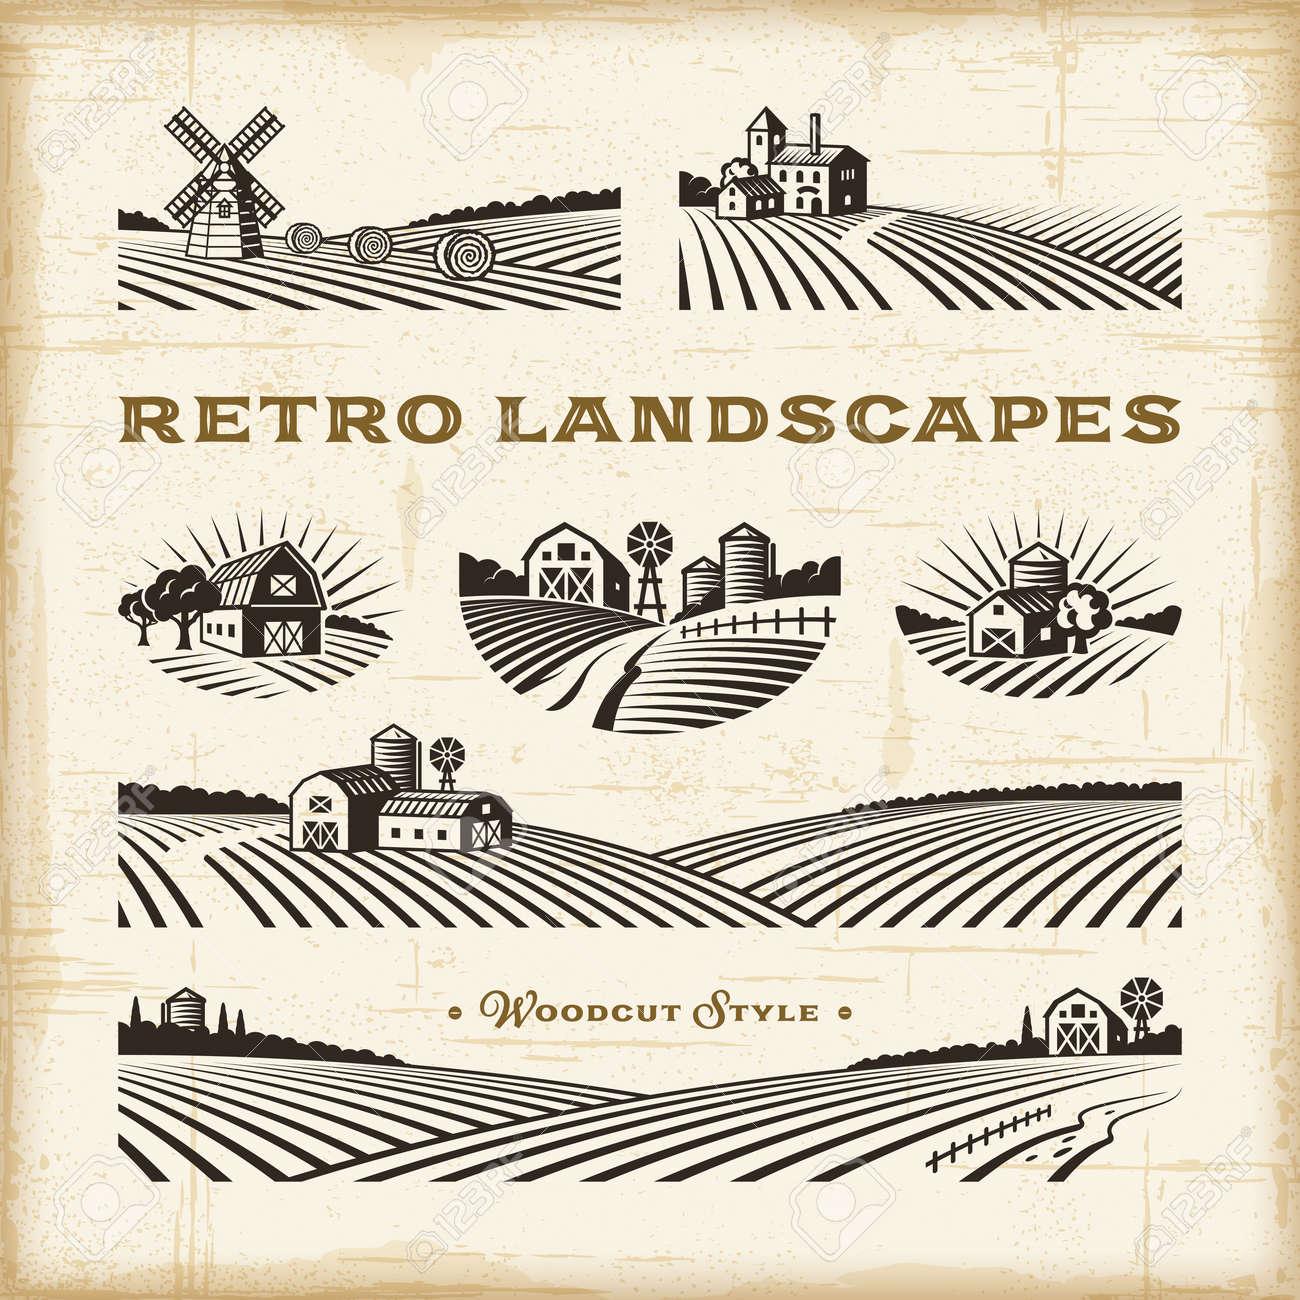 Retro landscapes set - 134452519